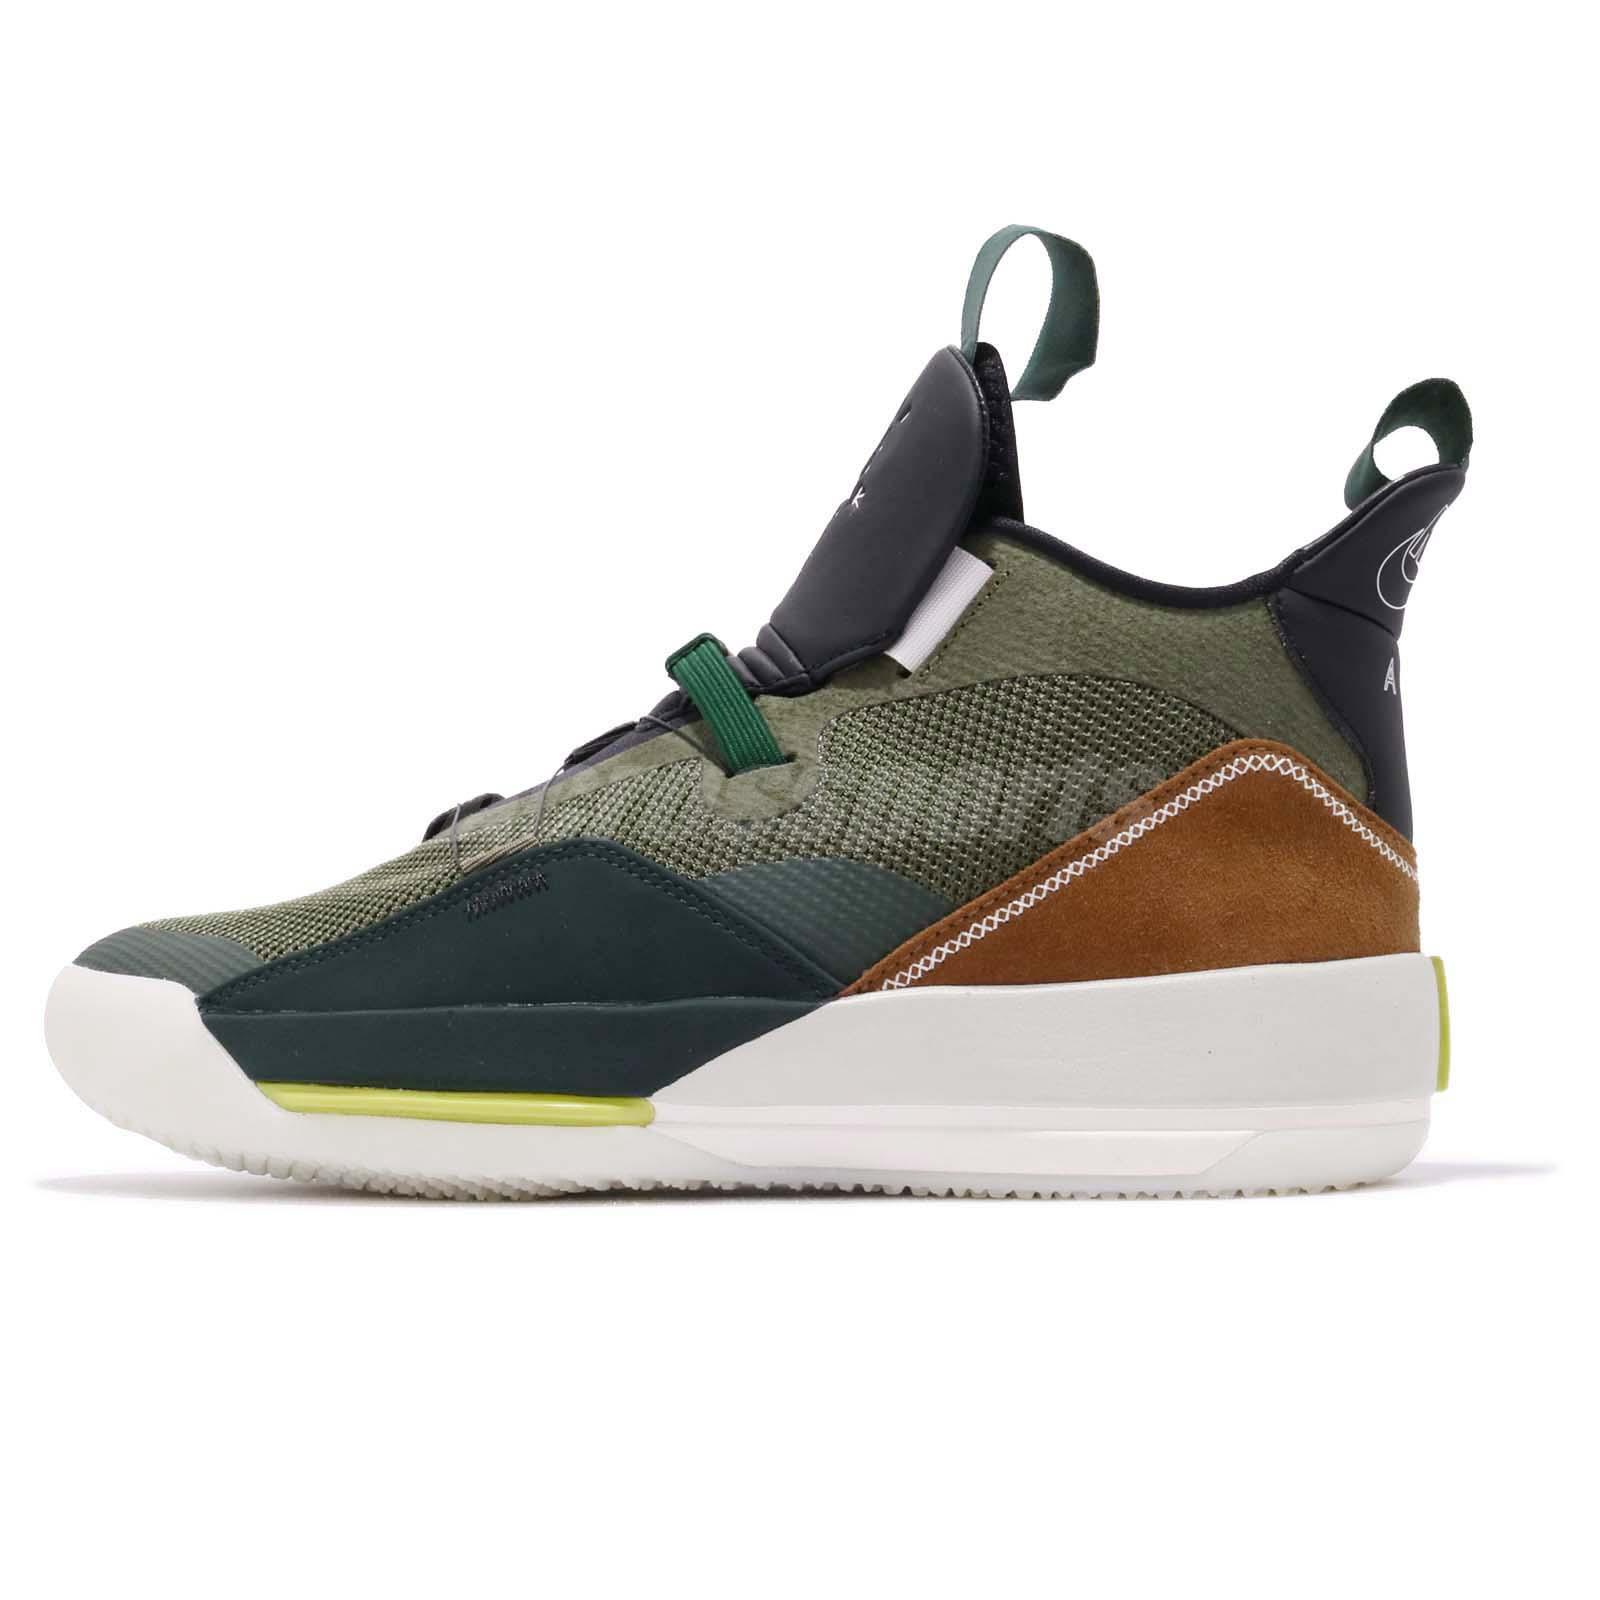 f154fd90b34468 Nike Air Jordan XXXIII NRG 33 Travis Scott Army Olive Men Shoes CD5965-300